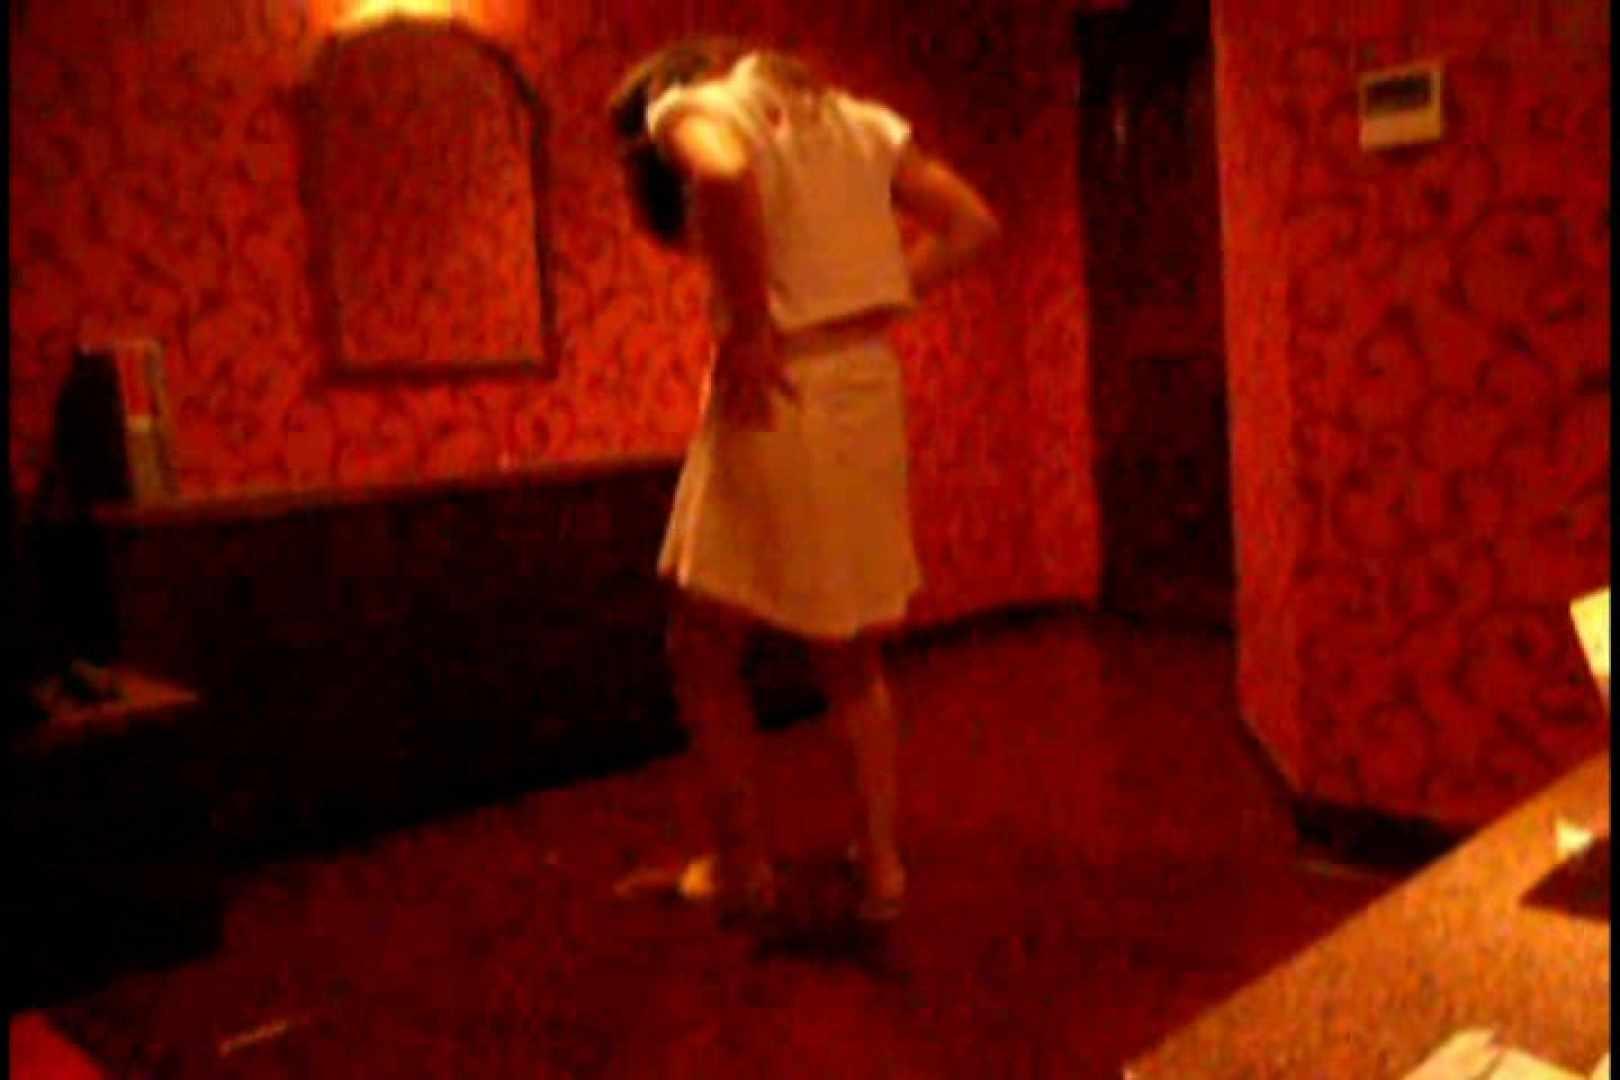 某掲示板に投稿された素人女性たちVOL.9 ホテル  85連発 19